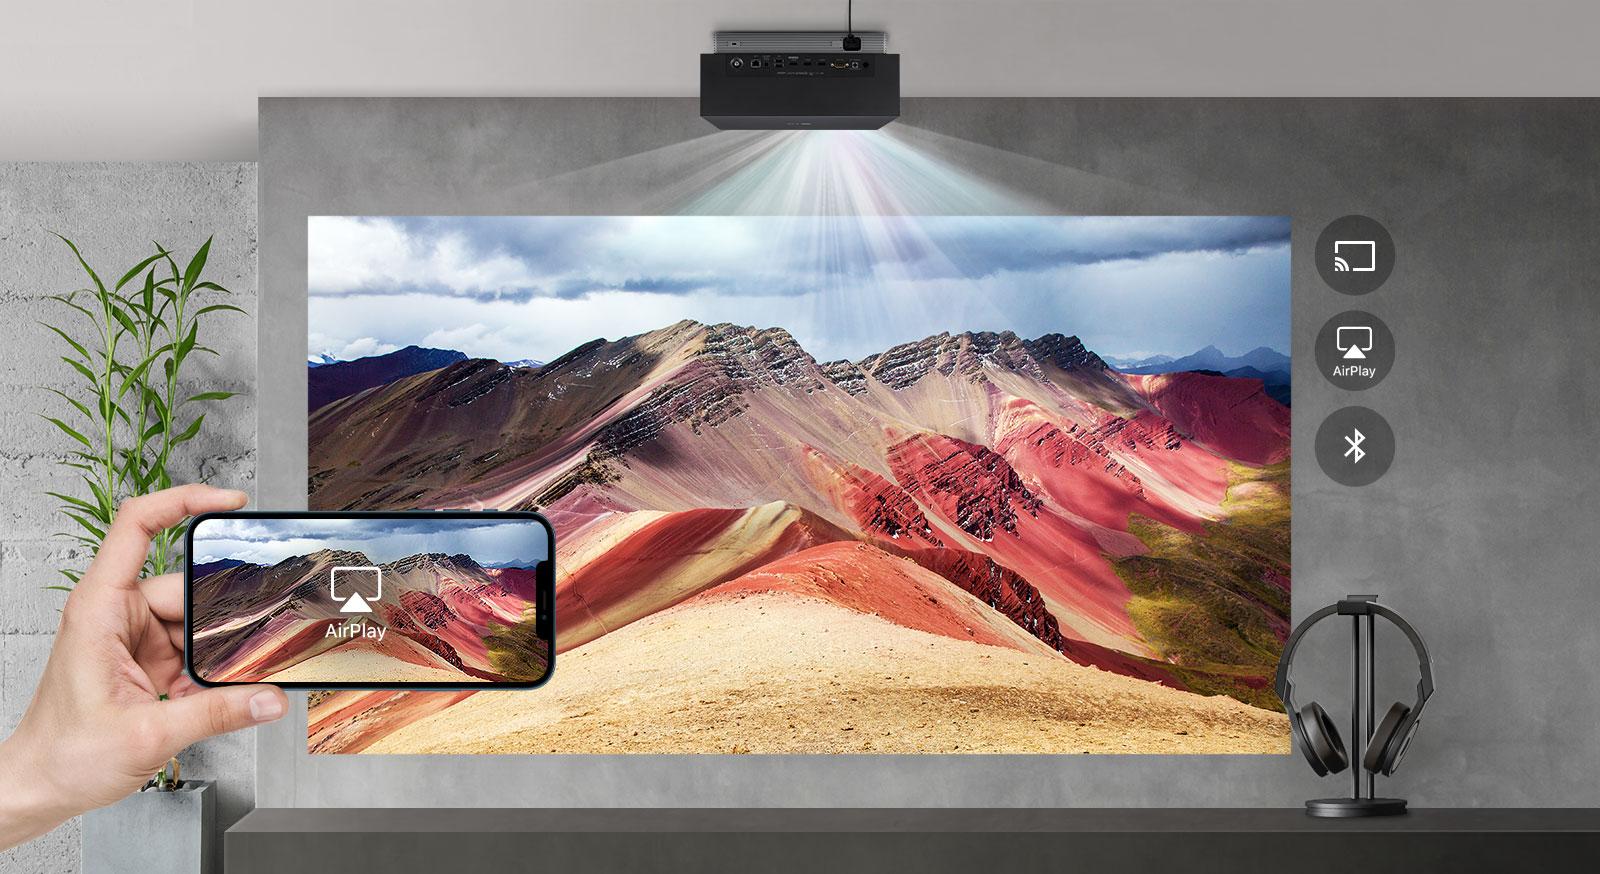 Máy chiếu có kết nối không dây đa dạng